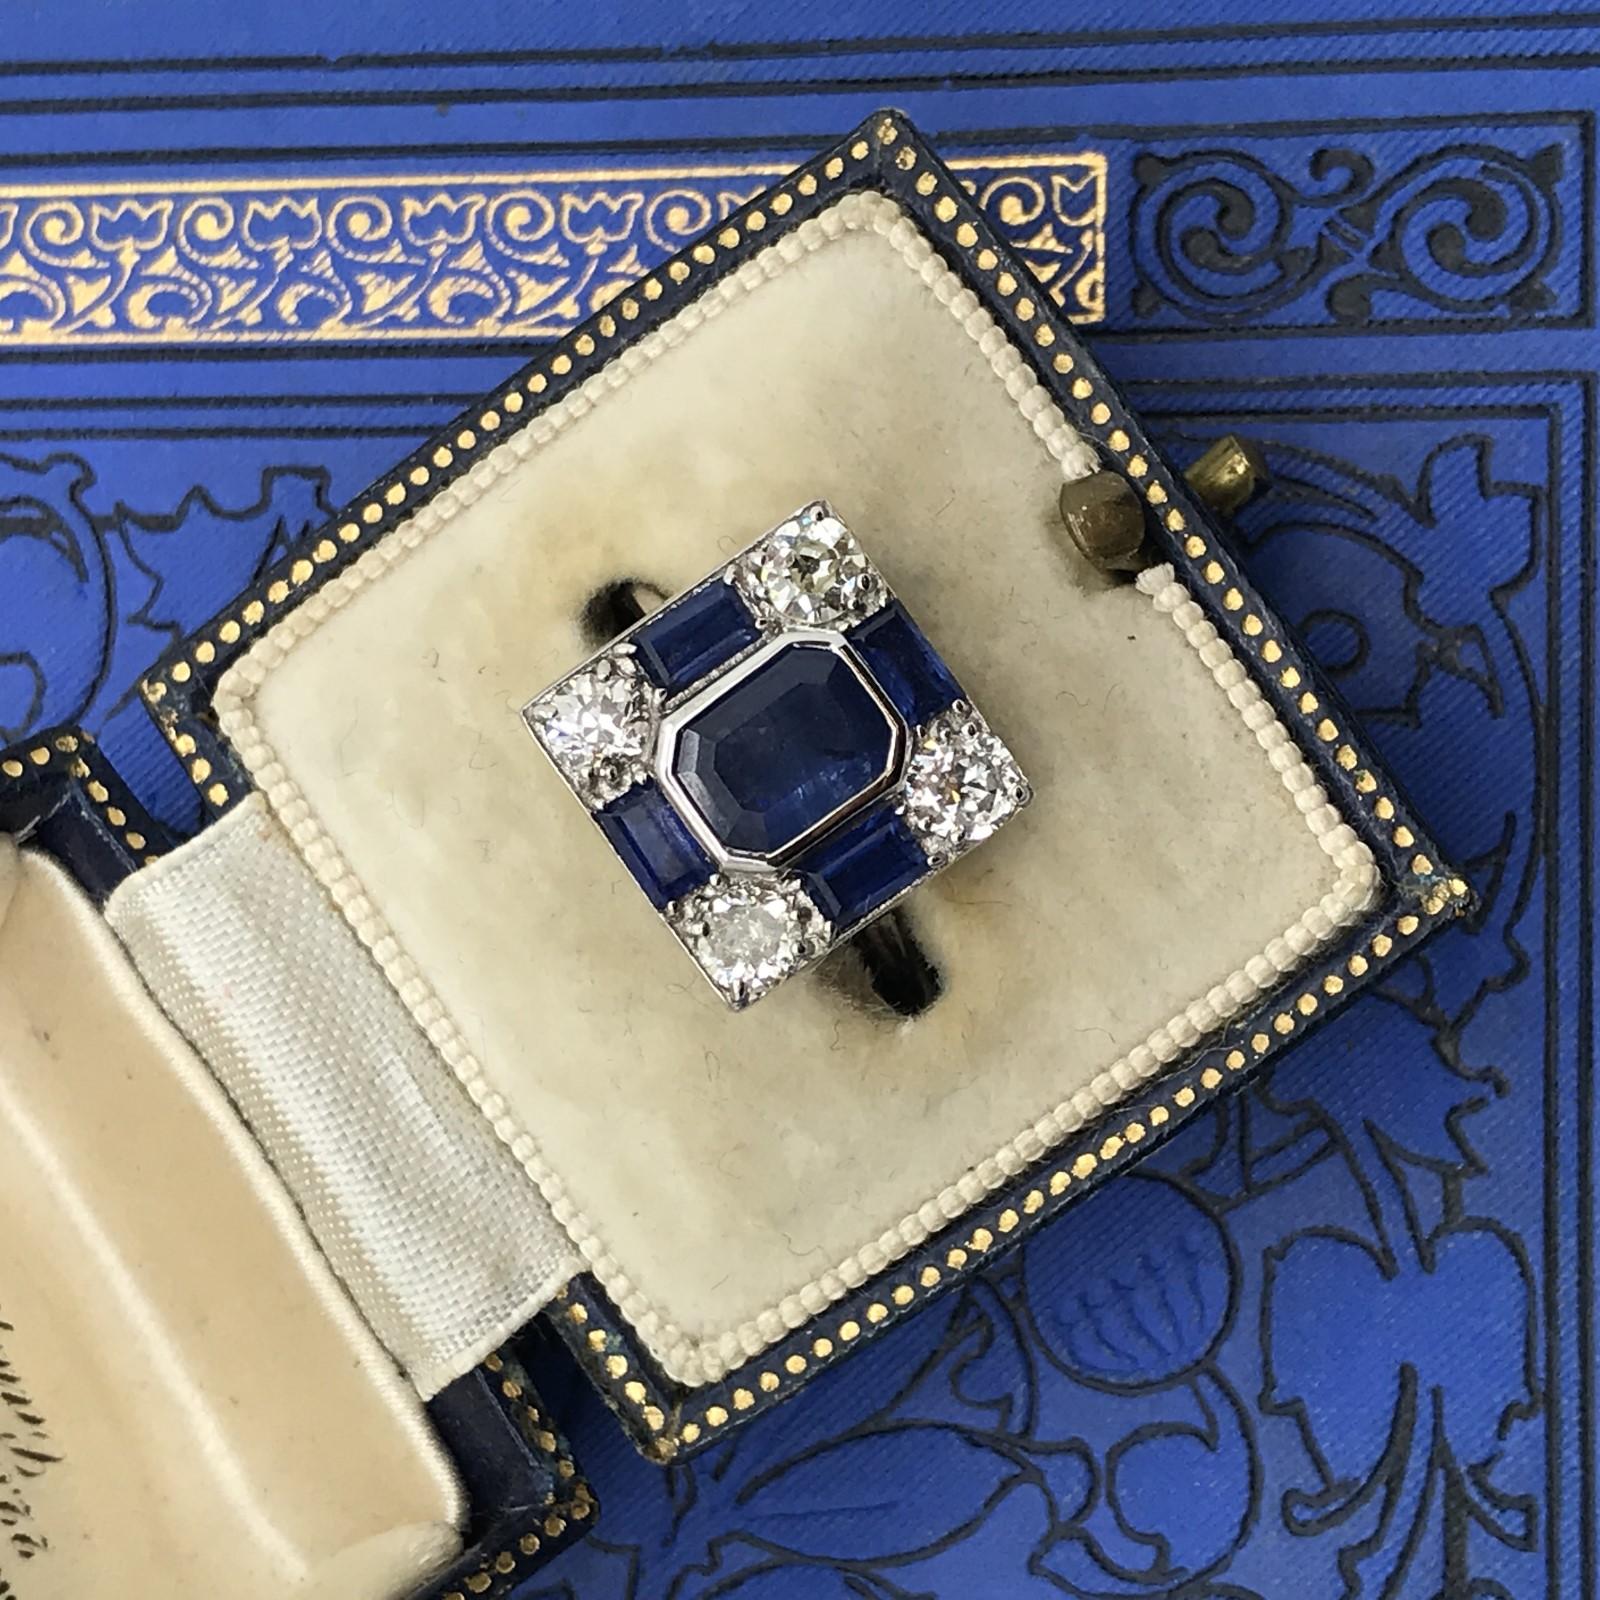 Vintage Jewel Box image (3 of 5)